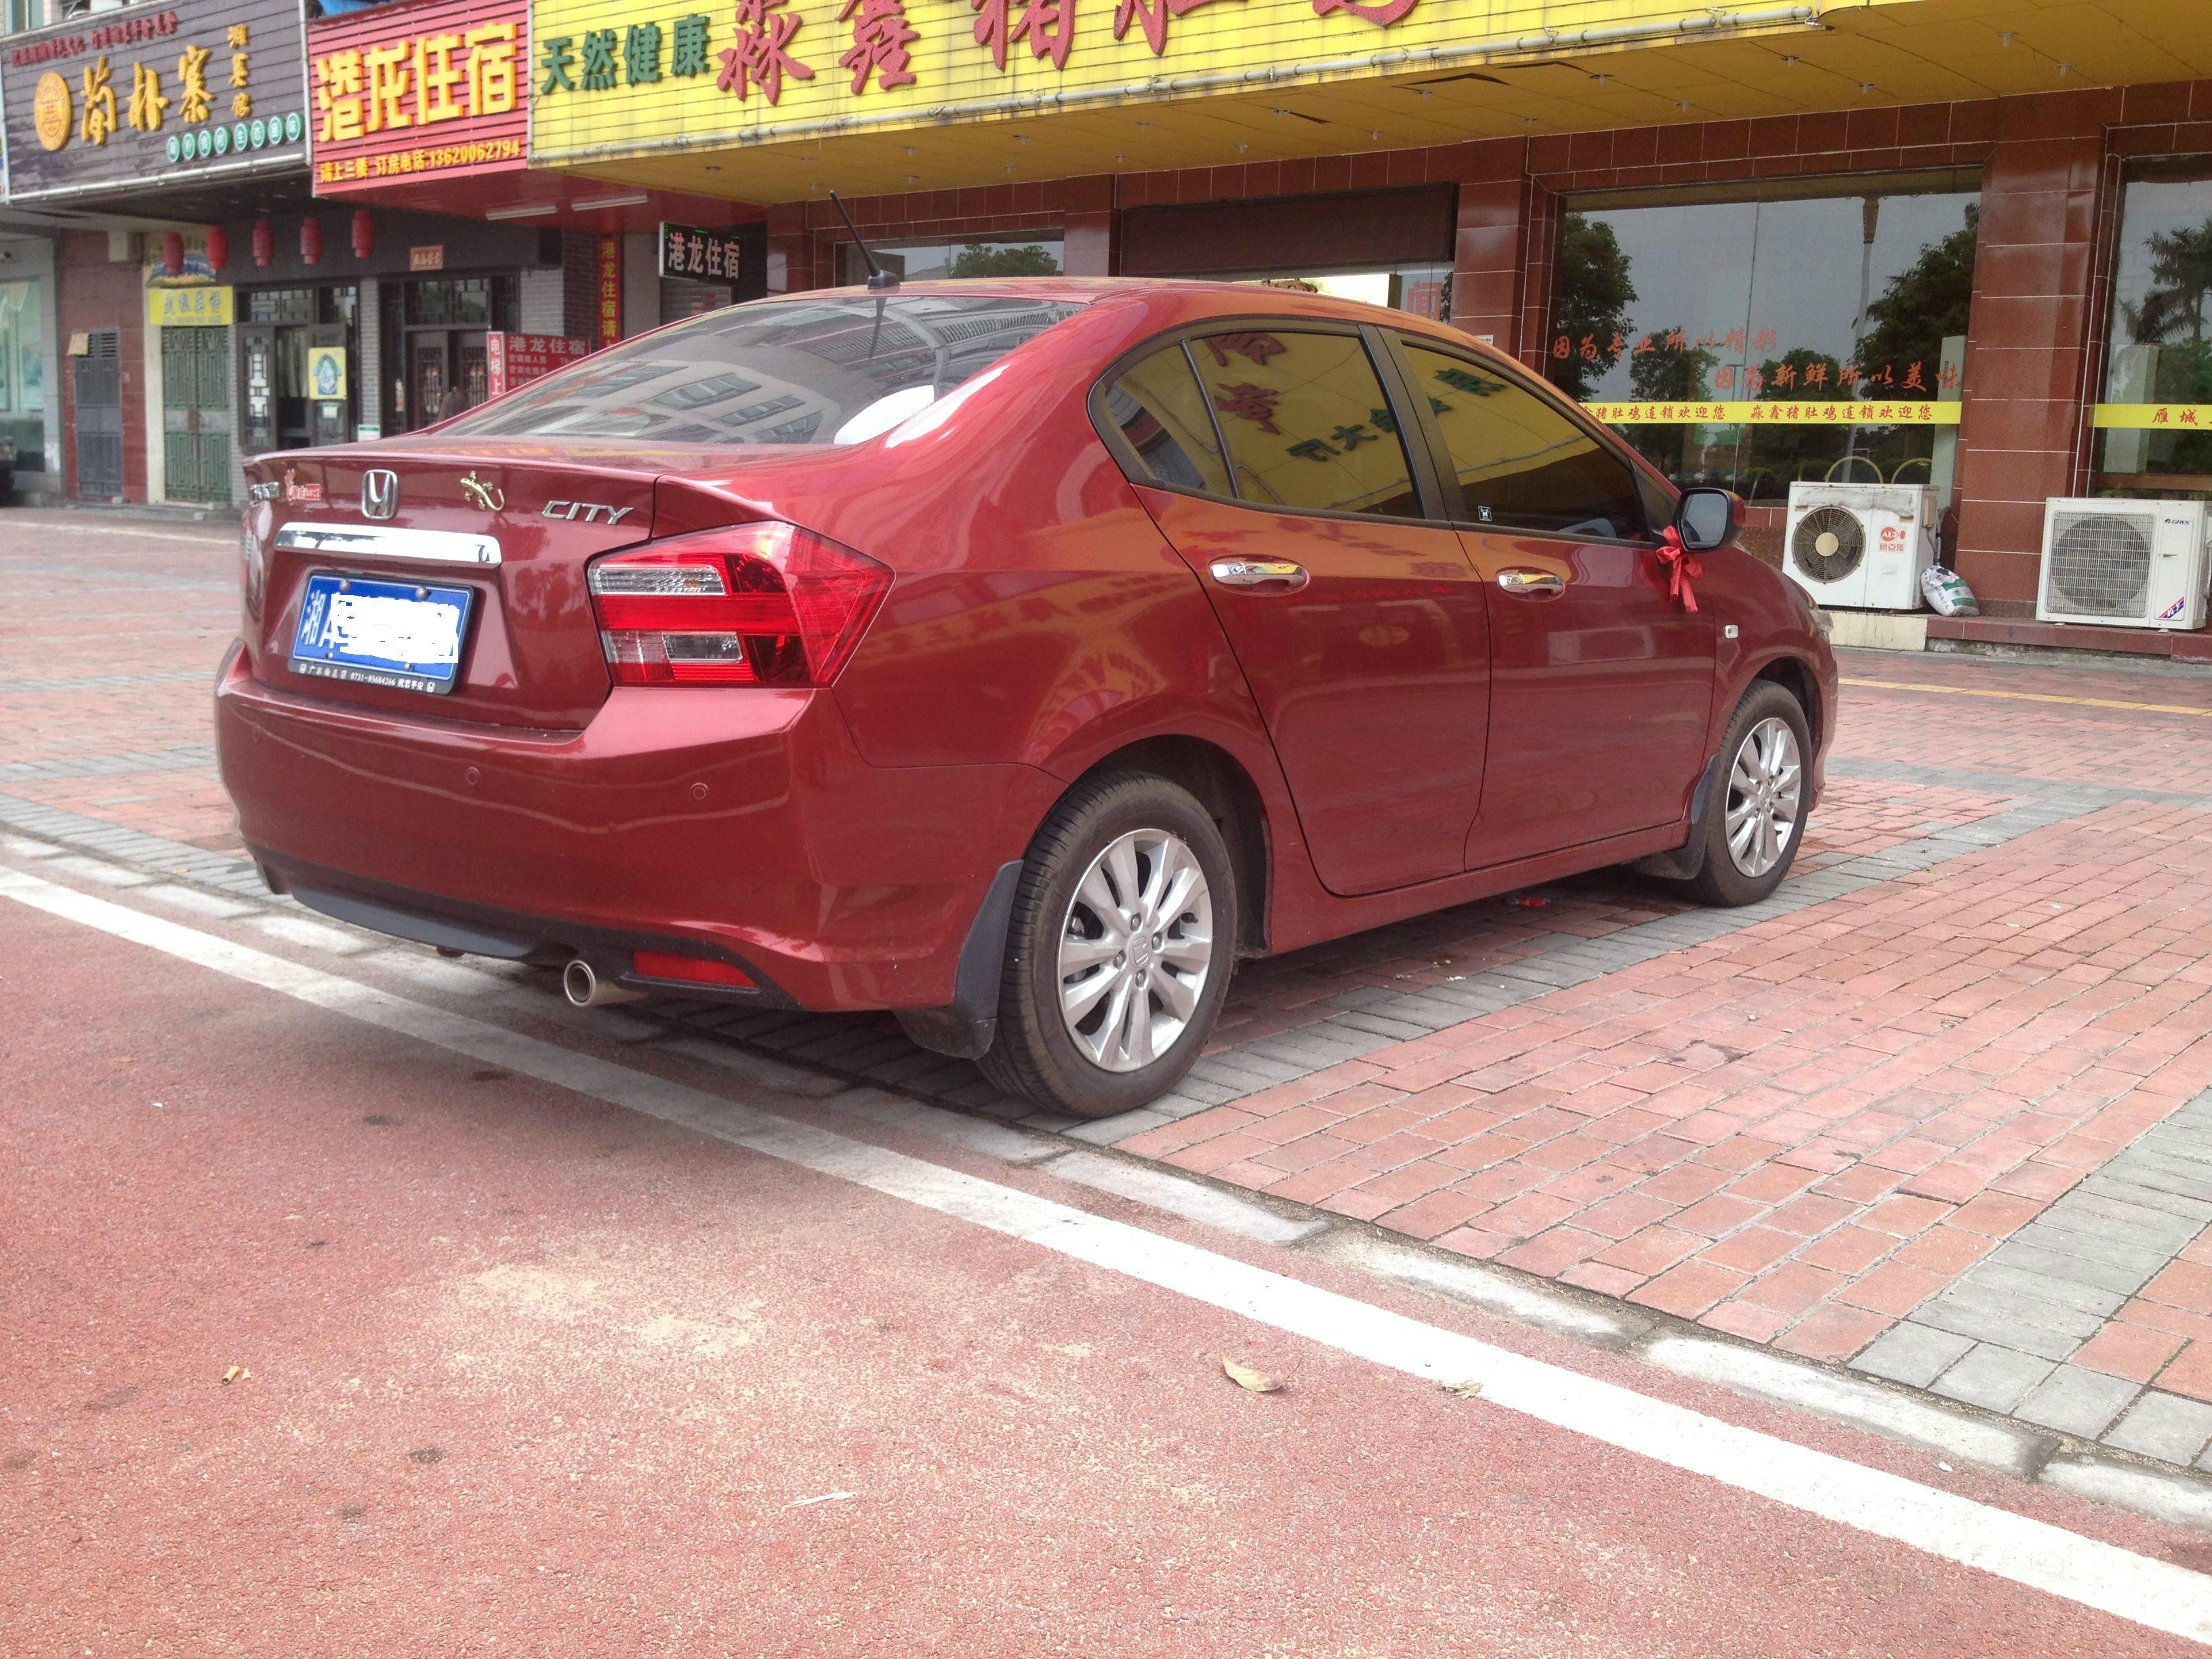 价格优惠 广汽本田自动档私家轿车不到1w公里车出租 价格合理 小车